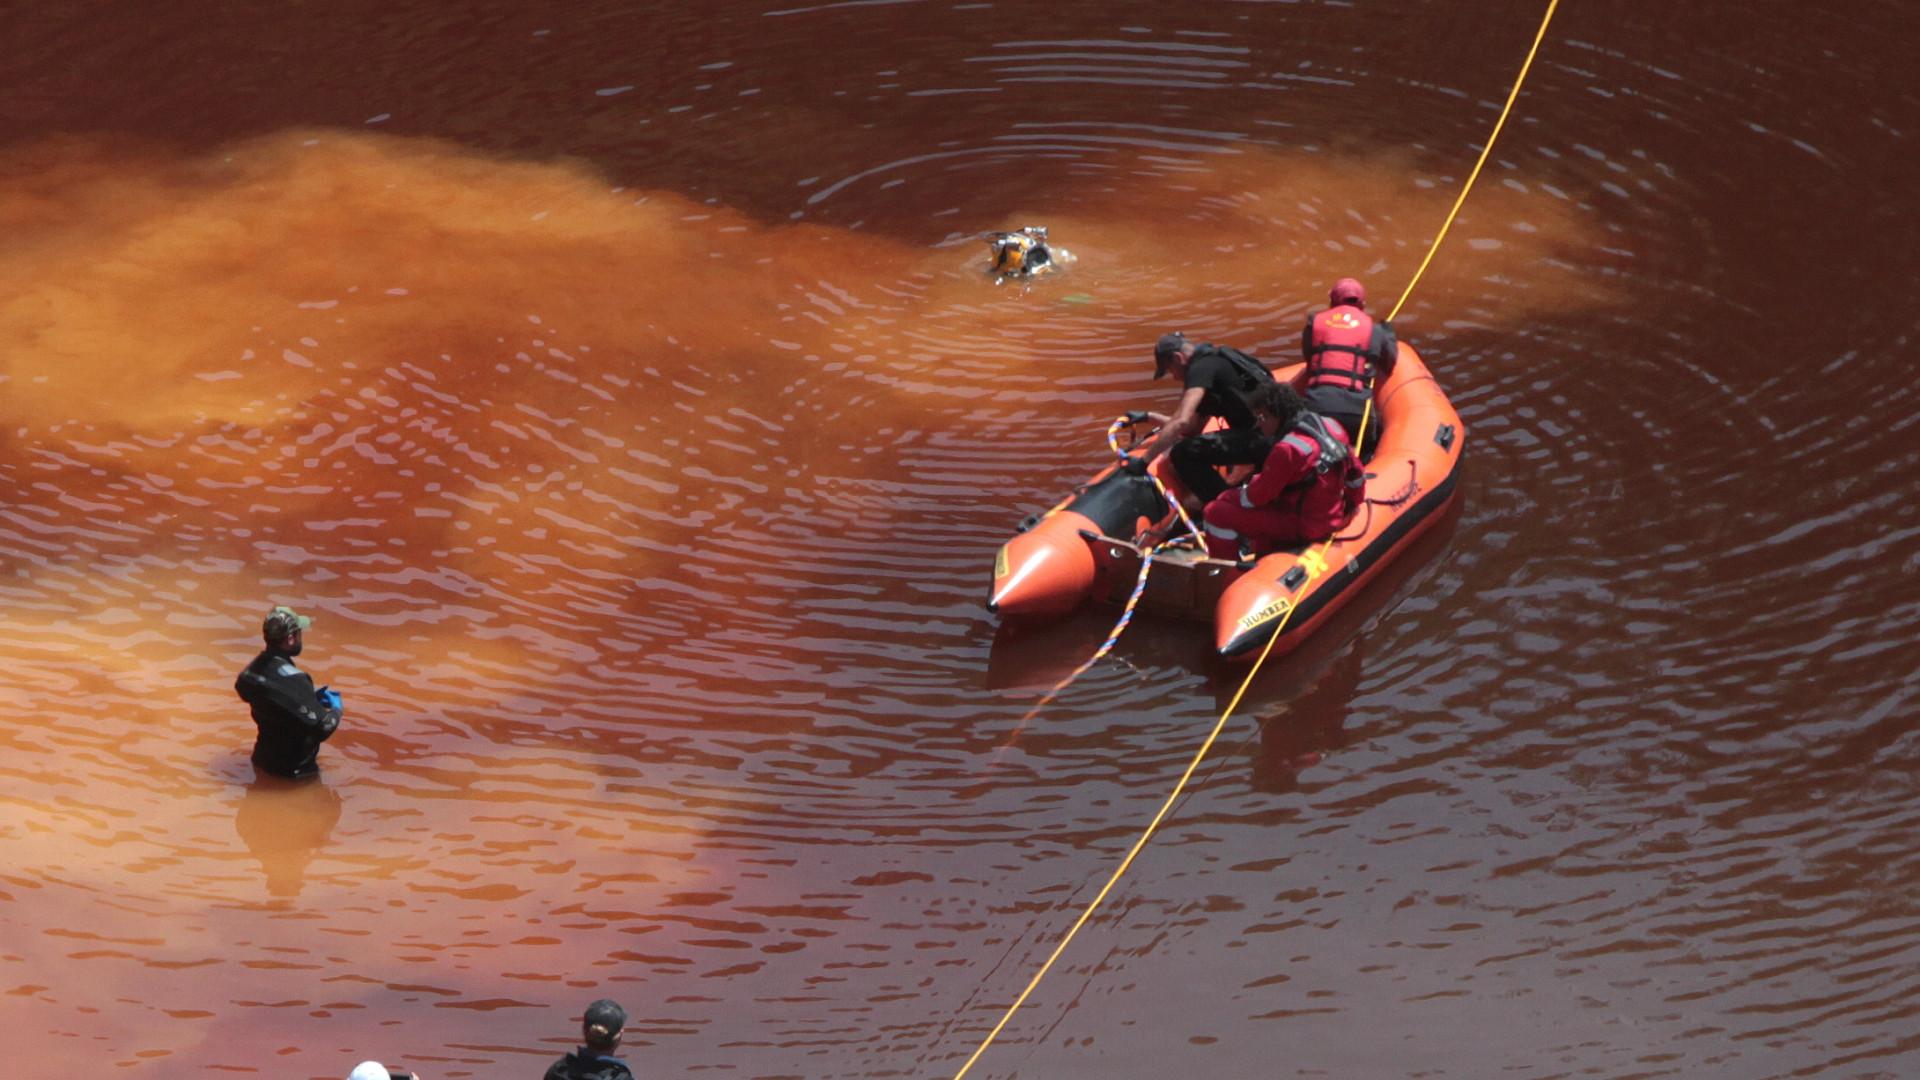 Corpo de mulher é encontrado em mala em lago no Chipre